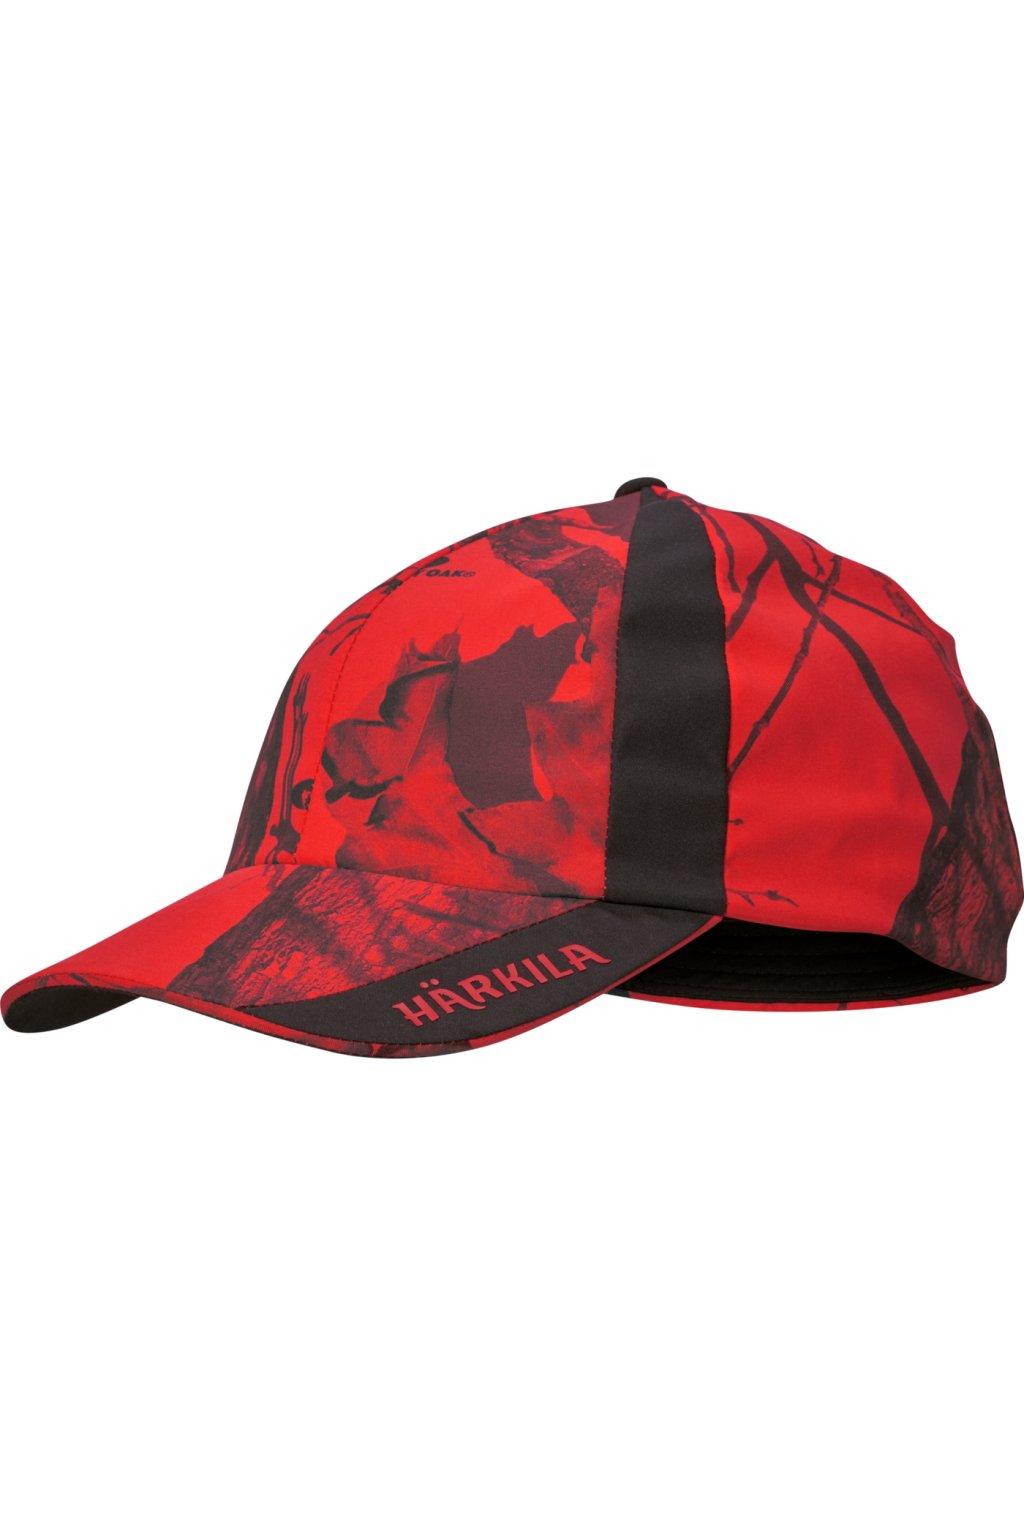 HÄRKILA - Moose Hunter 2.0 Safety cap